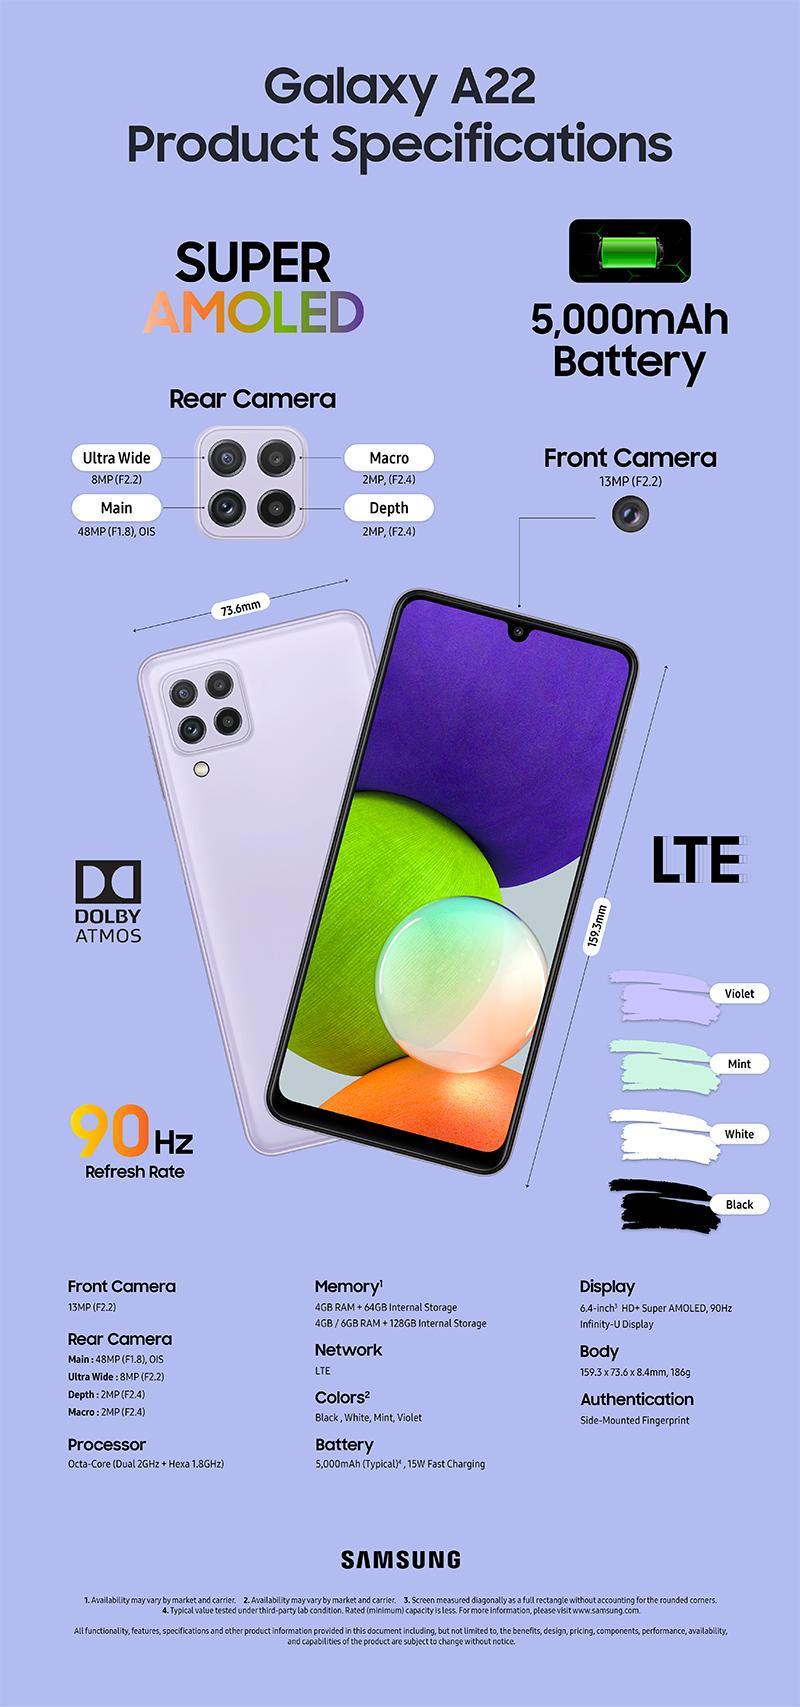 Cập nhật thông số kỹ thuật Galaxy A22 sắp bán tại Viettel Store Galaxy10